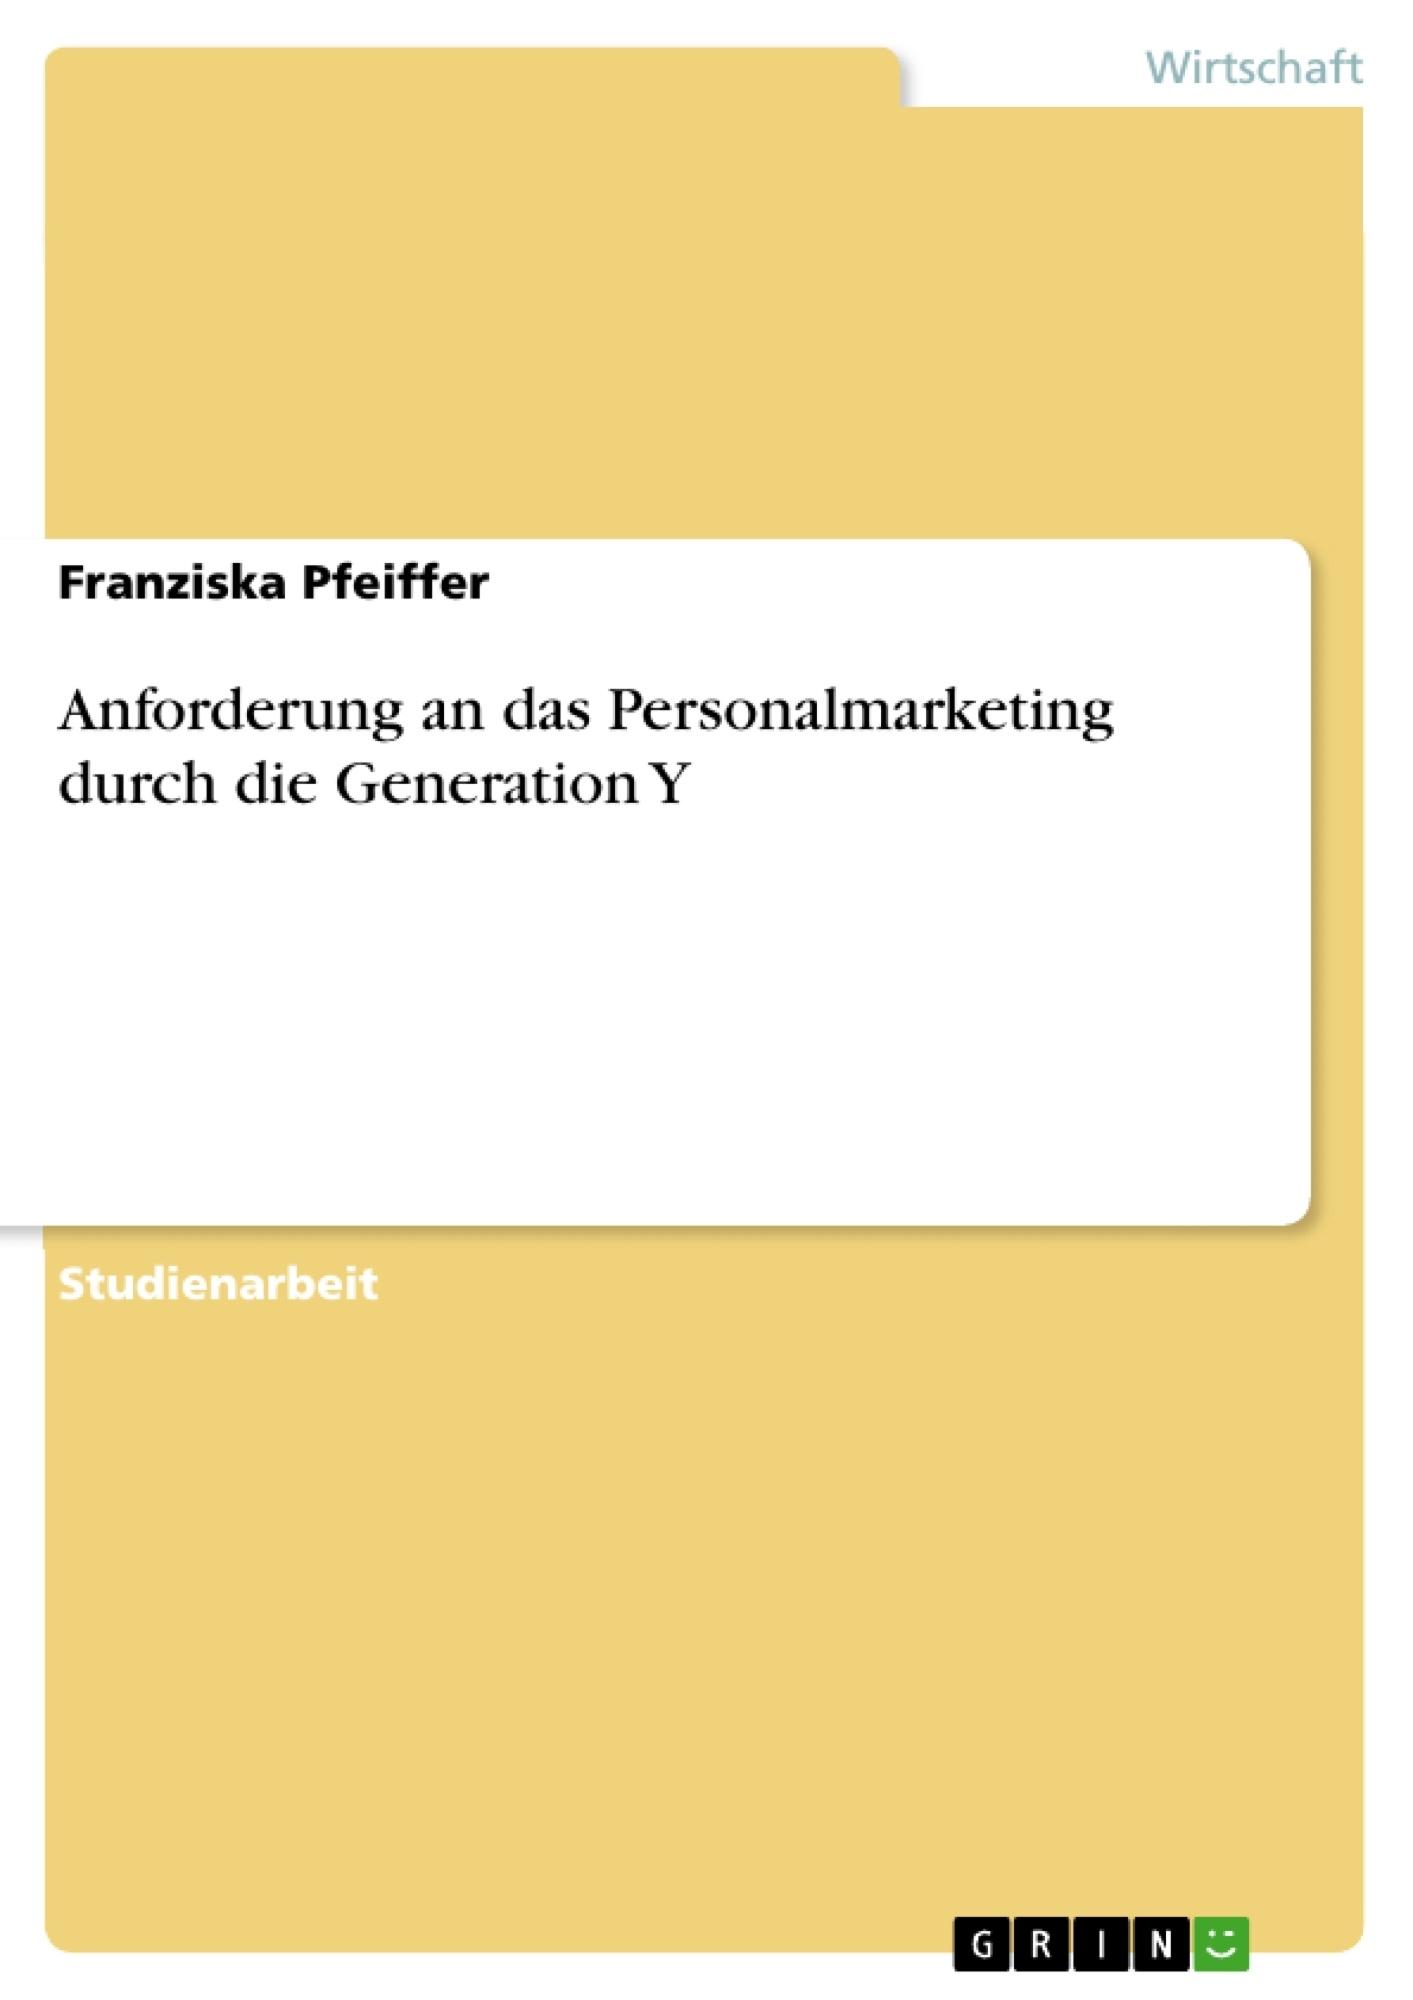 Titel: Anforderung an das Personalmarketing durch die Generation Y